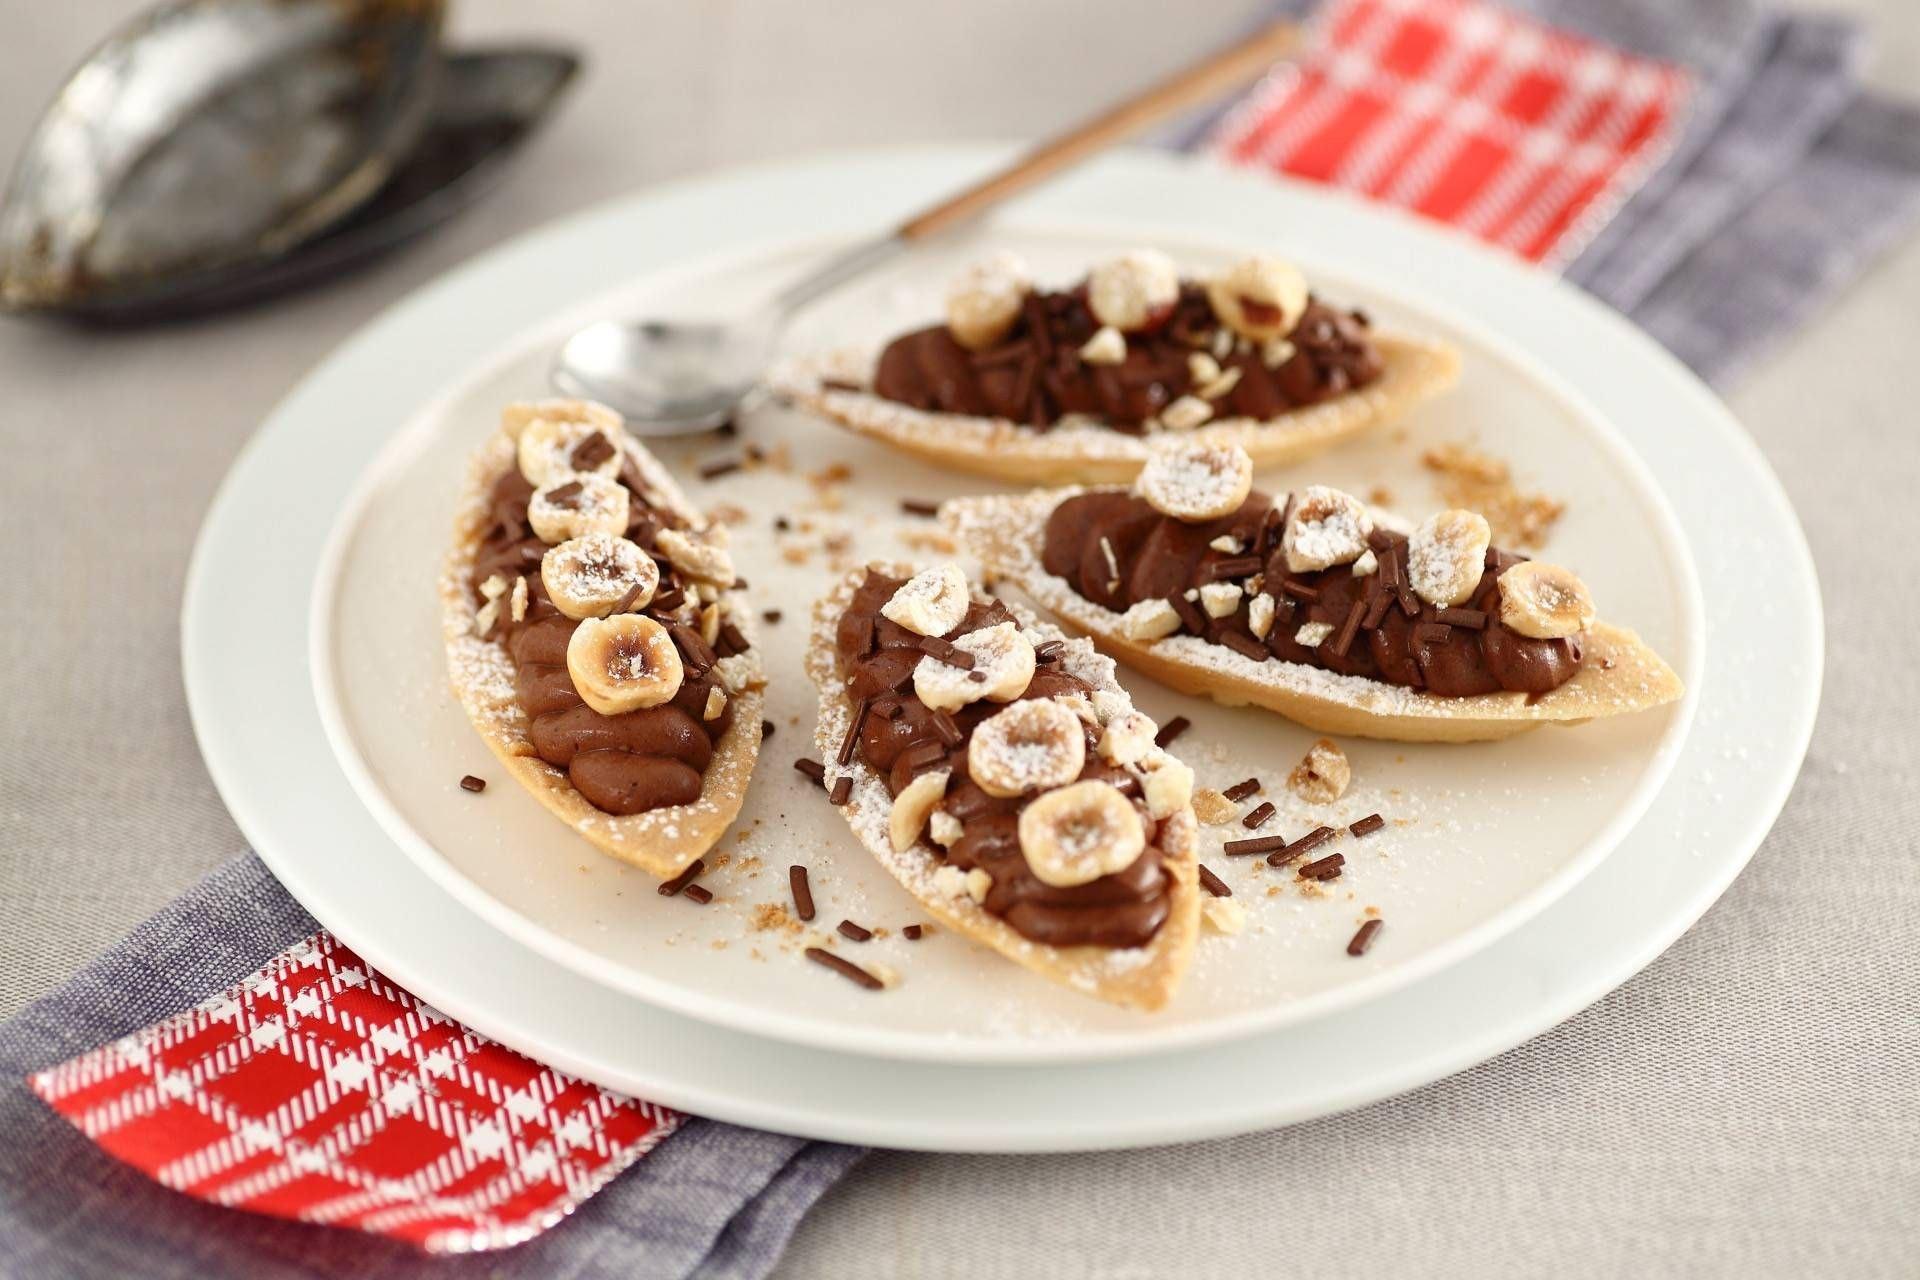 Tartellette al cioccolato e nocciole - Parmalat